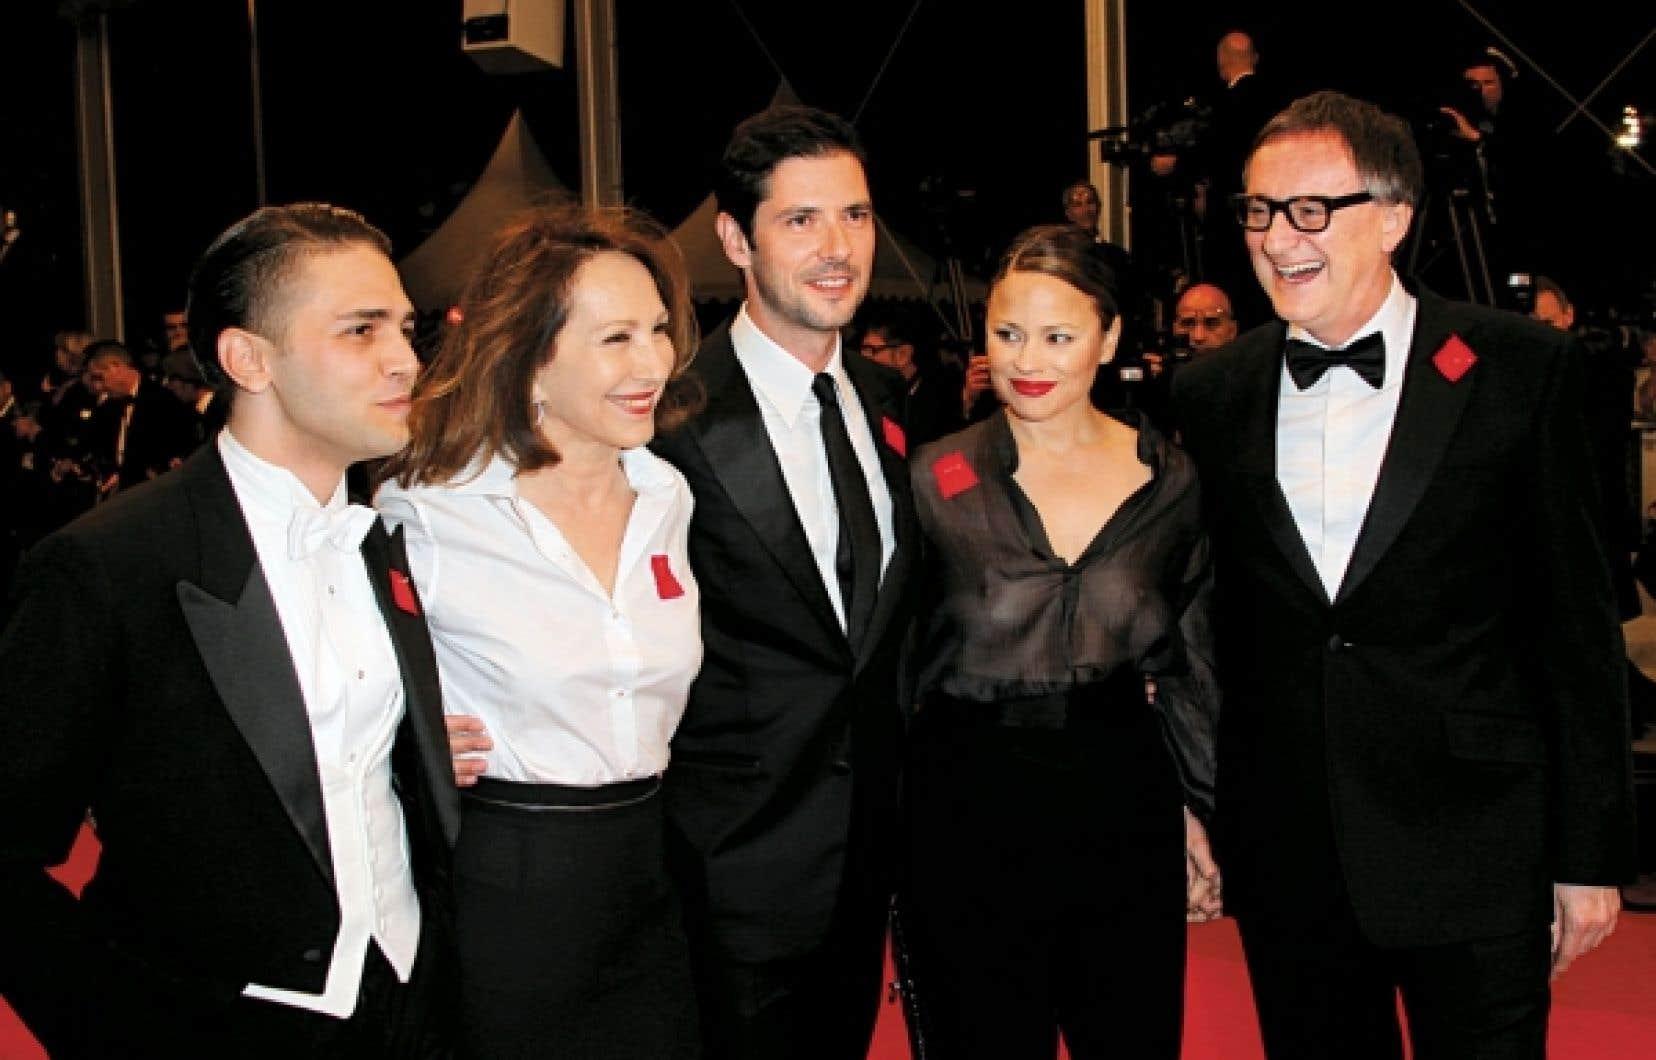 <div> Le cinéaste Xavier Dolan accompagné des acteurs principaux du film Laurence Anyways, Nathalie Baye, Melvil Poupaud, Suzanne Clément et Yves Jacques, arboraient le carré rouge, hier, sur le tapis rouge cannois.</div>